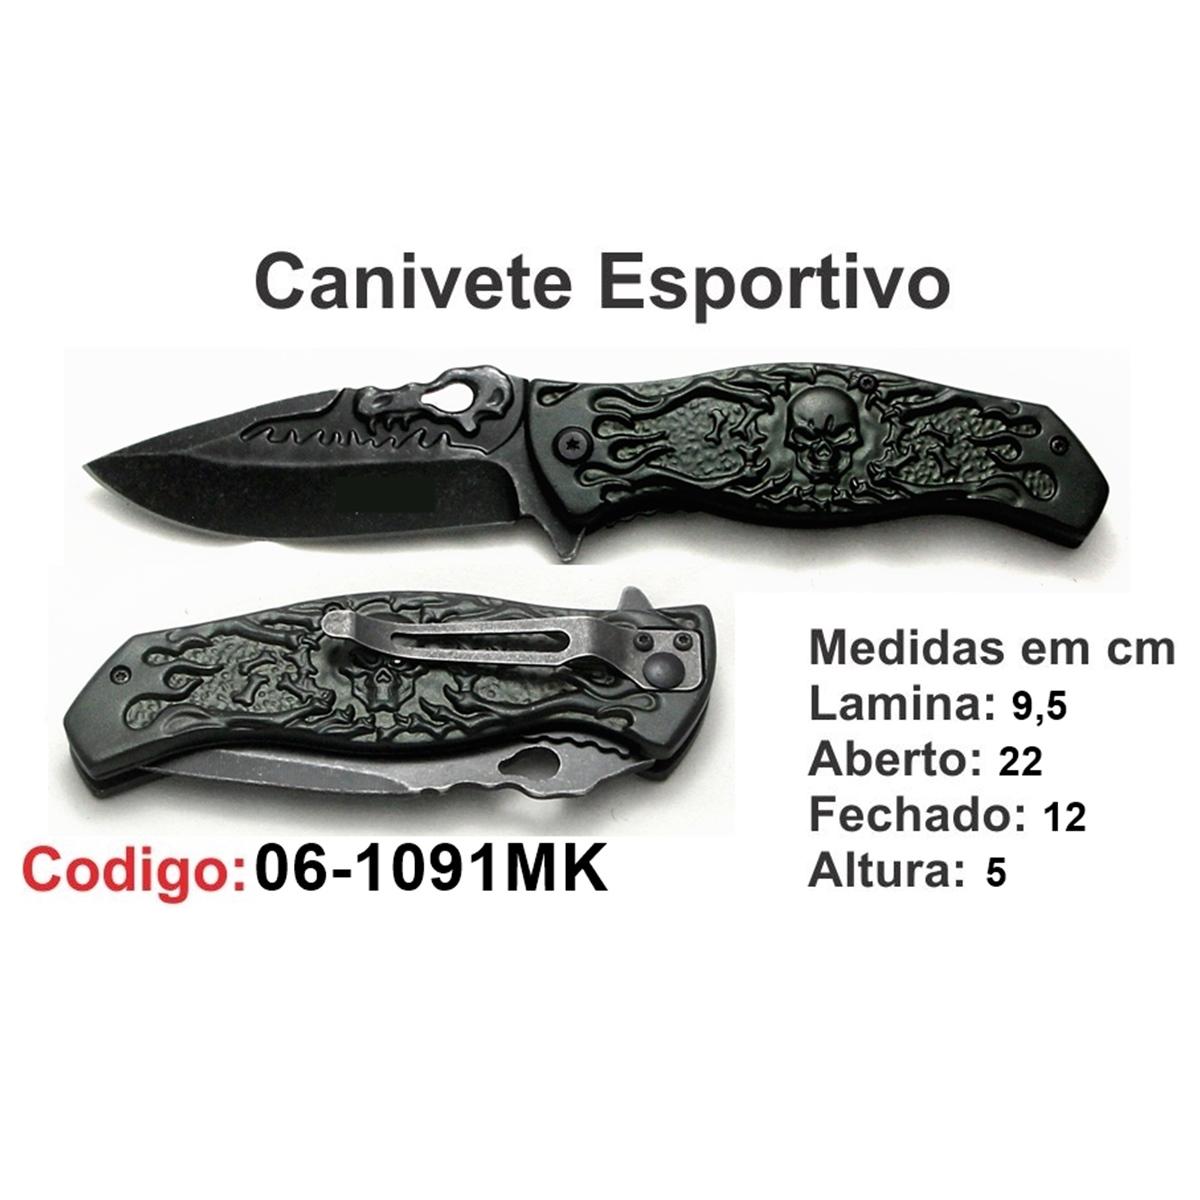 Canivete Esportivo Caça Pesca Etc. 06-1091MK